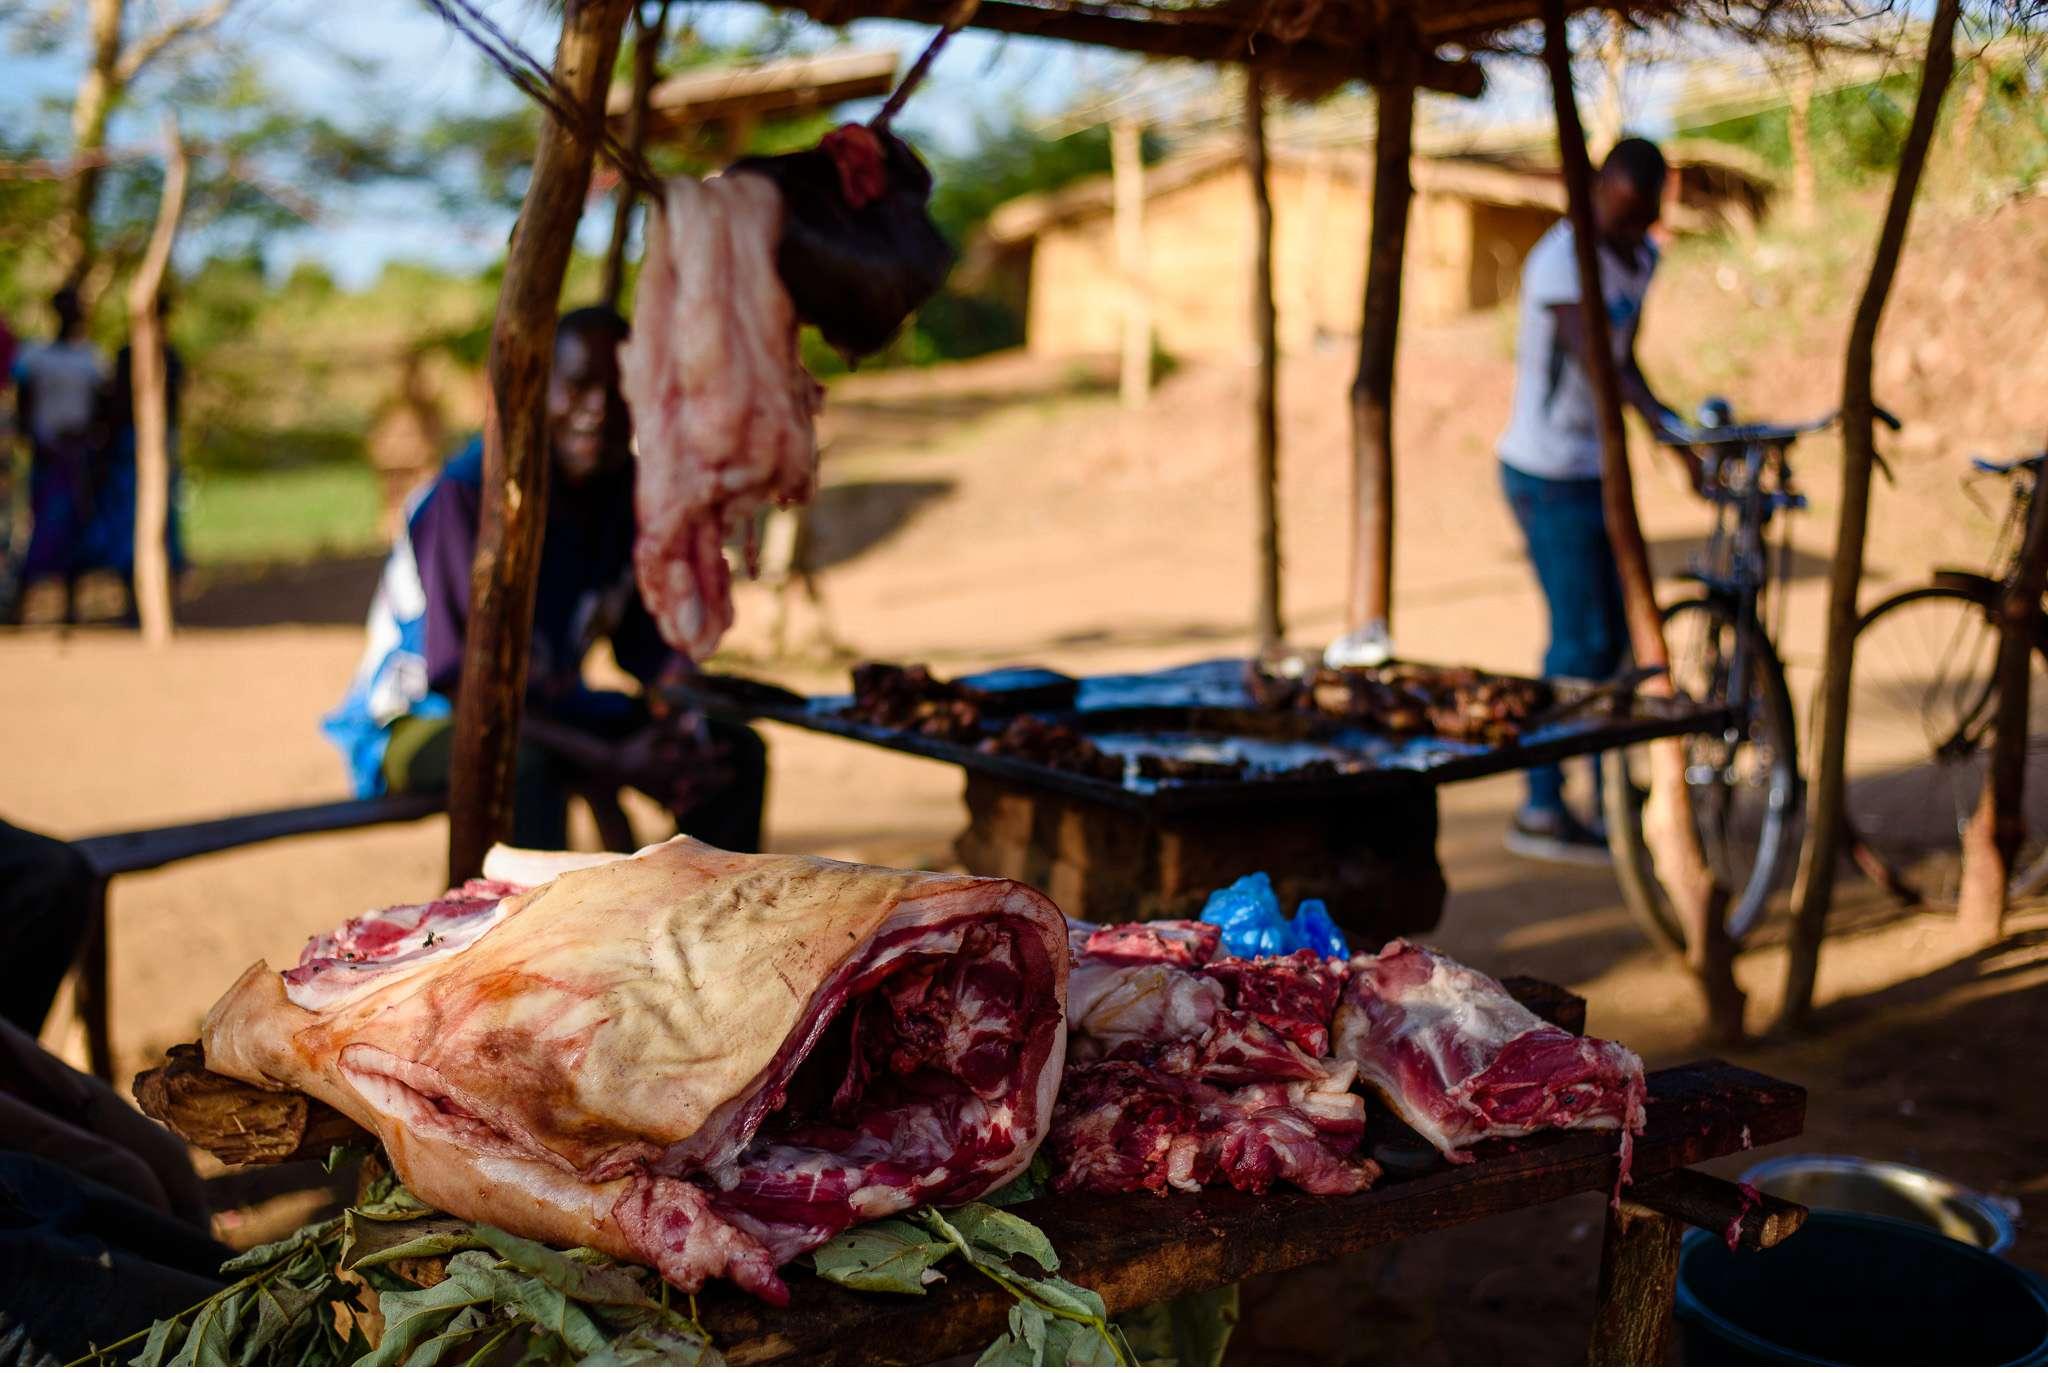 Malawi-Quer durch Afrika- Geschichten von unterwegs by Marion and Daniel-5